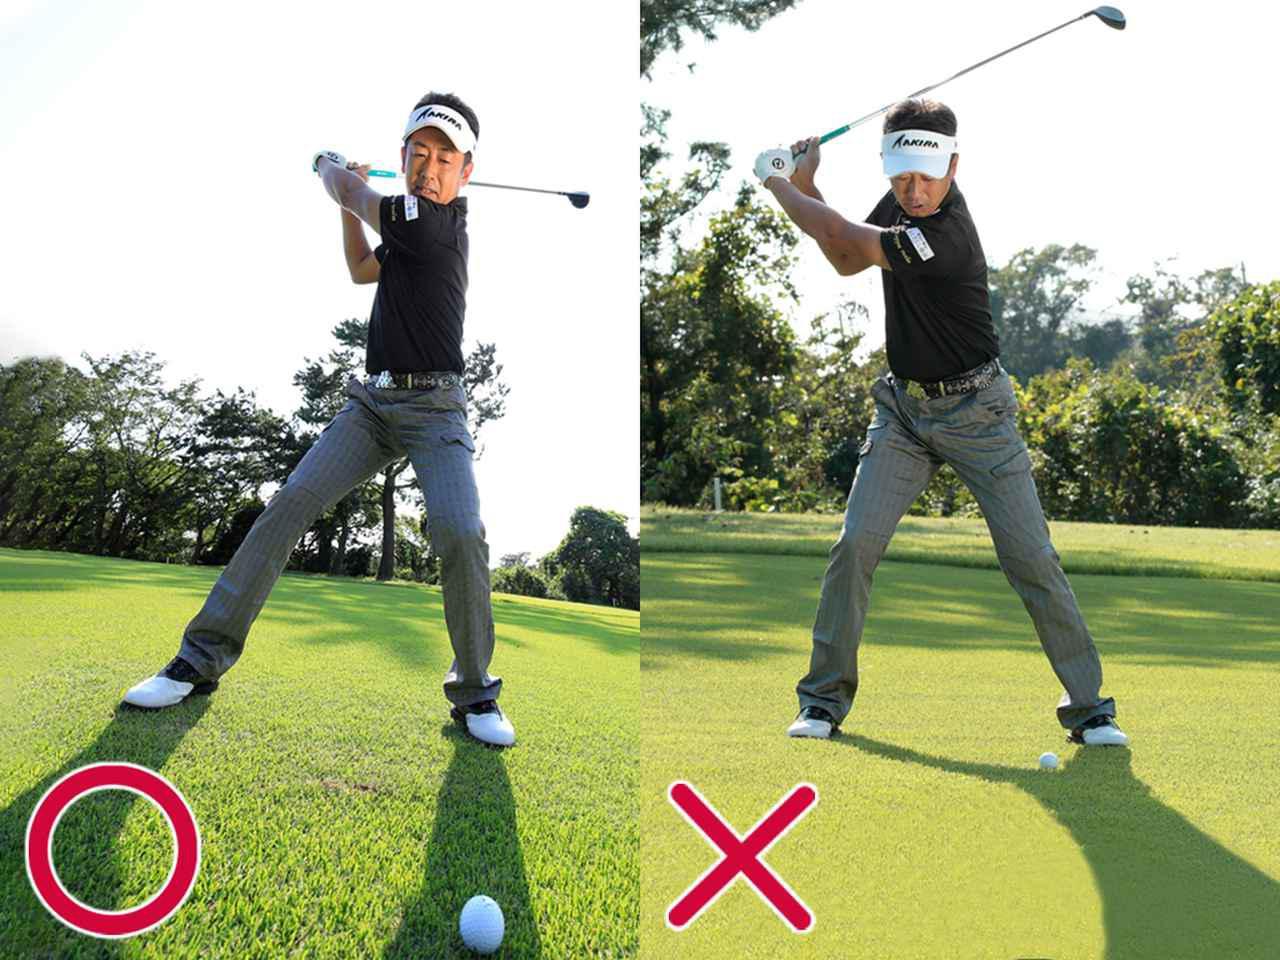 画像: 【スウィングのPOINT②】 トップはコンパクトに左足の上で回転